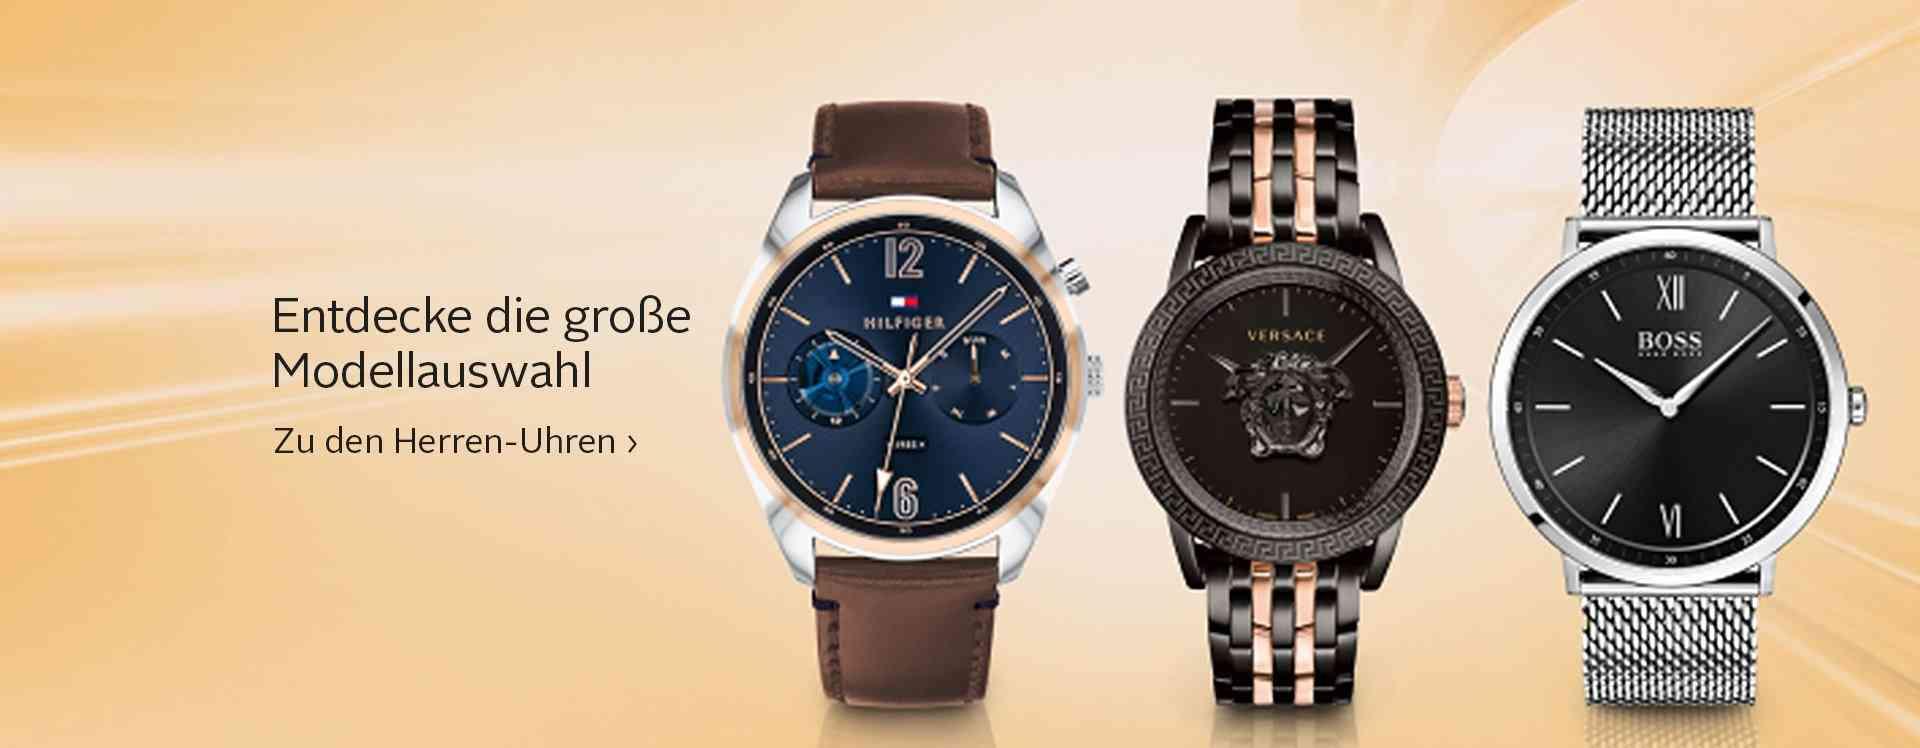 Mit diesen eleganten, klassischen oder sportlichen Uhren behalten sie immer die Zeit im Auge.